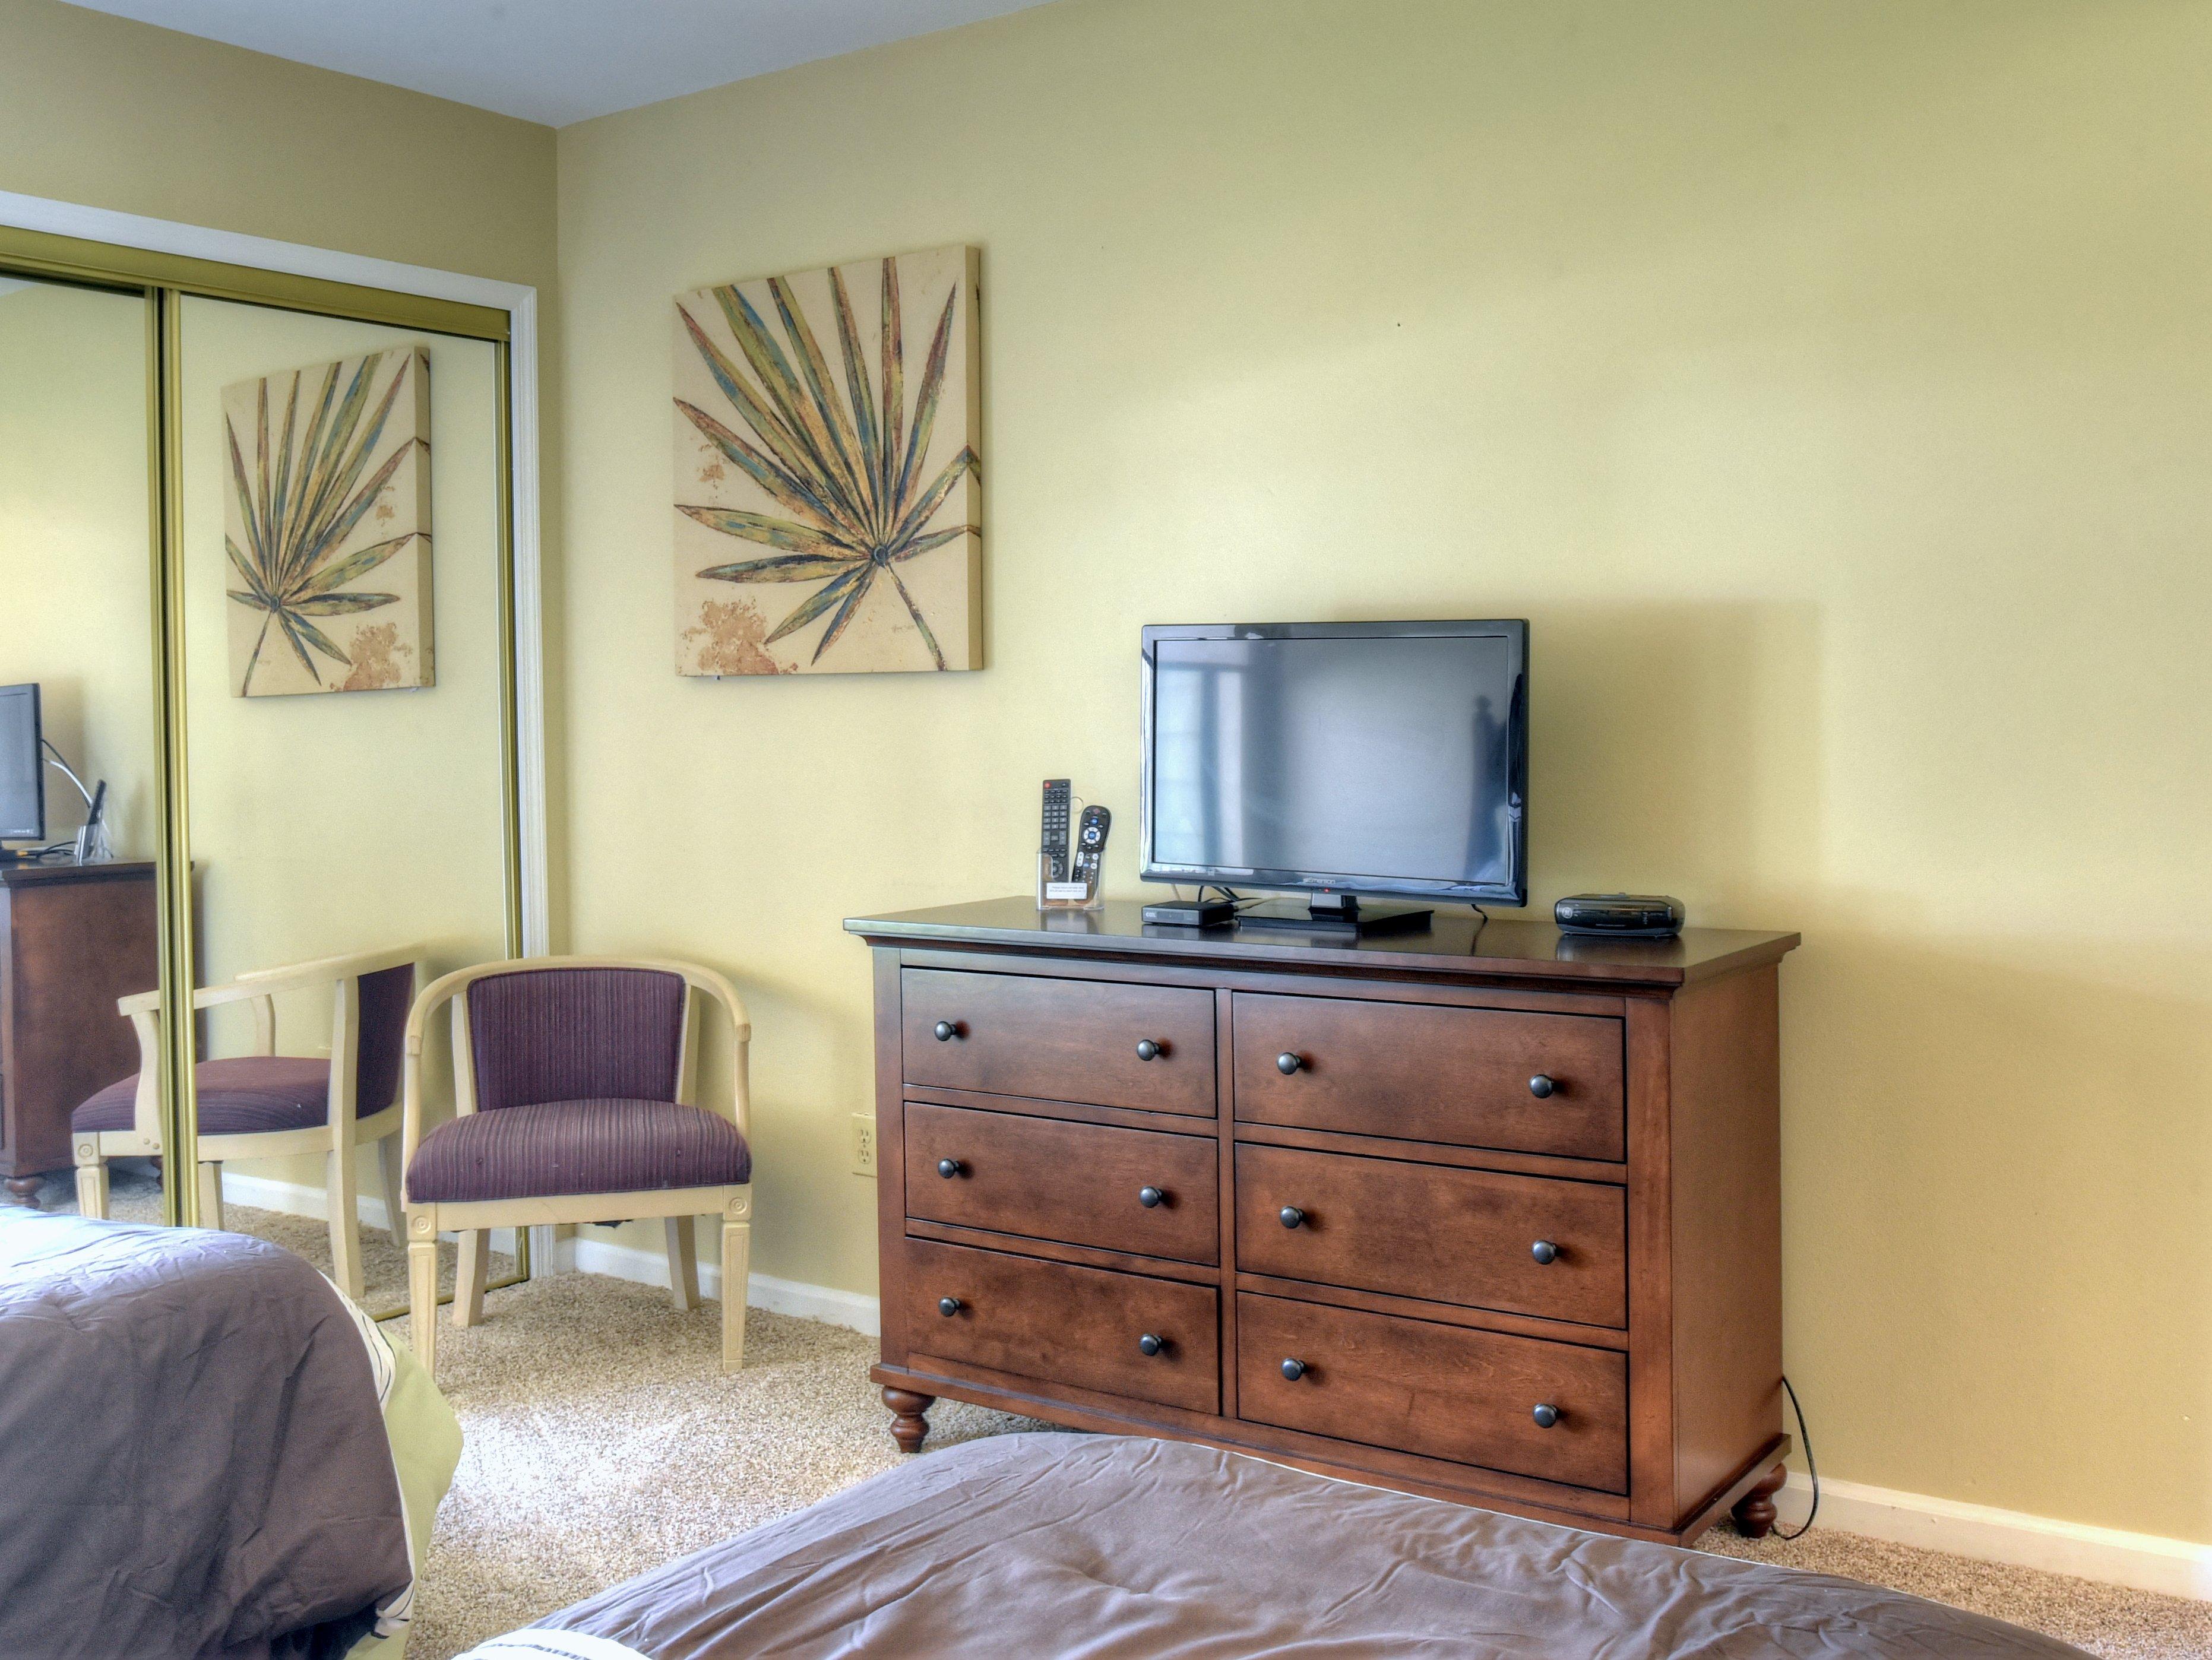 285 Fairways Condo rental in Sandestin Rentals ~ Cottages and Villas  in Destin Florida - #13